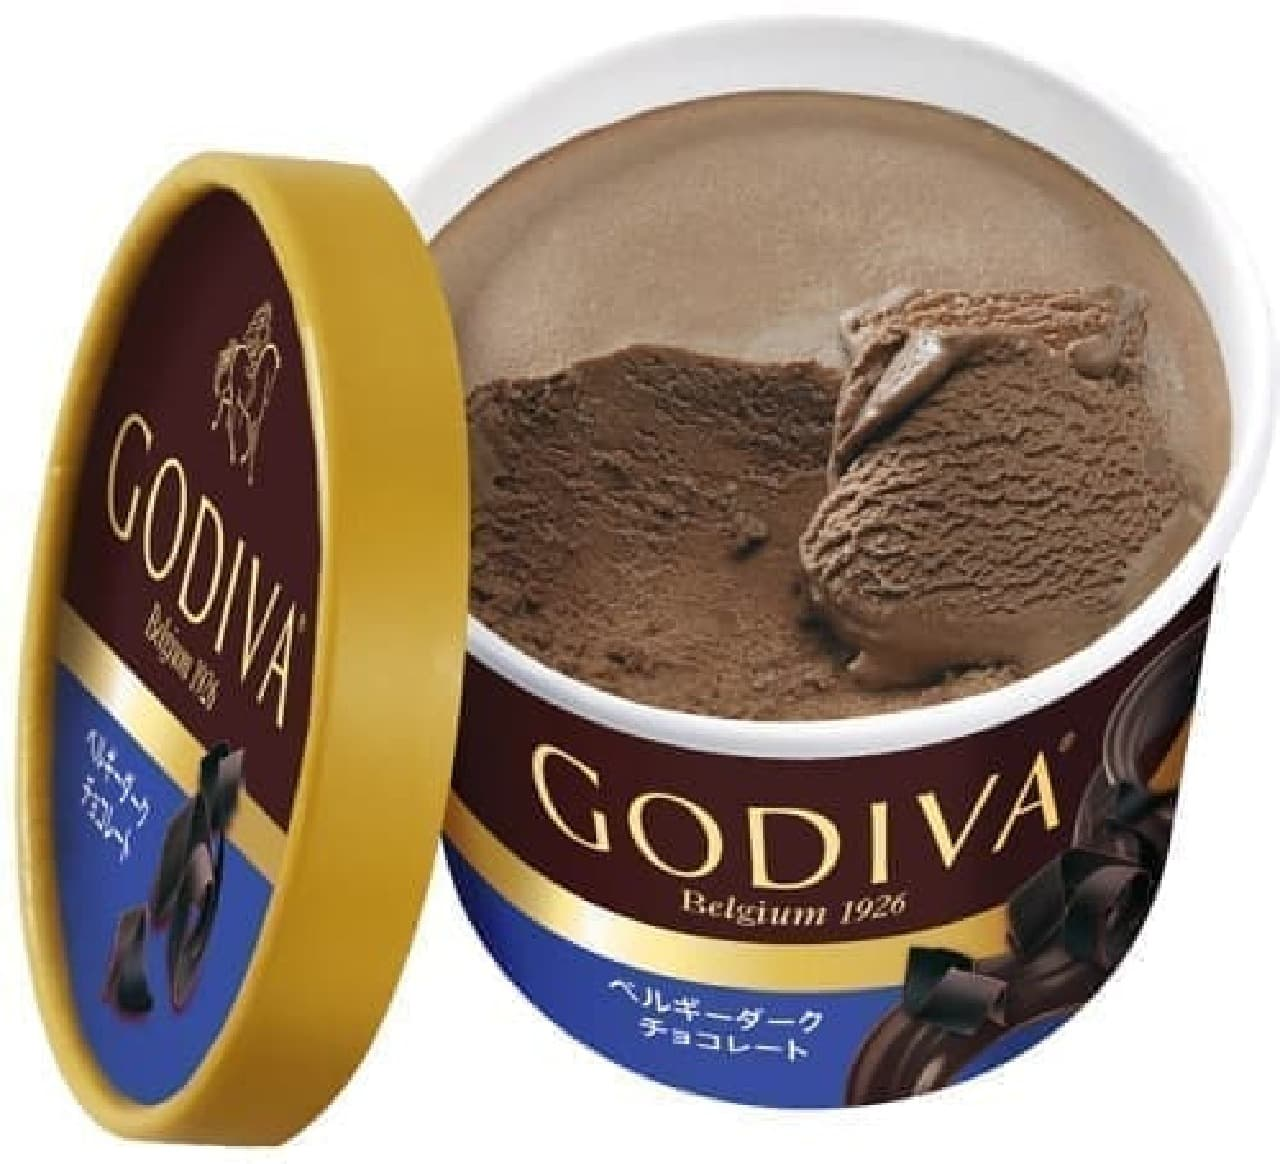 ゴディバ「カップアイス ベルギーダークチョコレート」